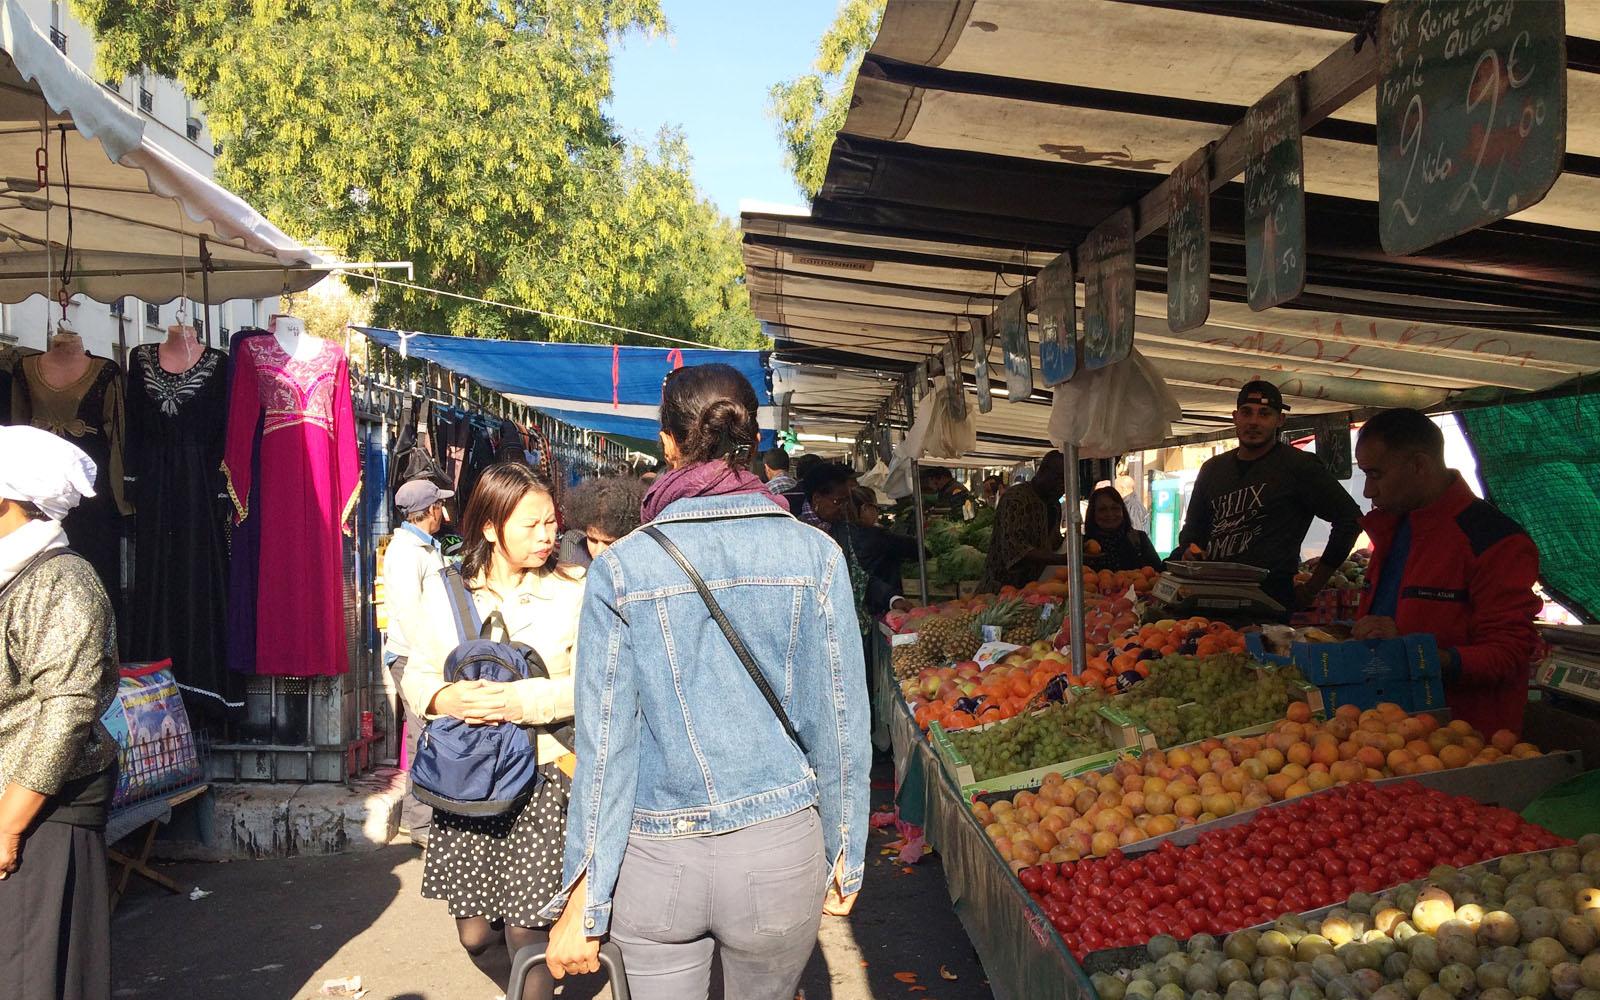 Il mercato di Belleville, che si tiene ogni martedì mattina.